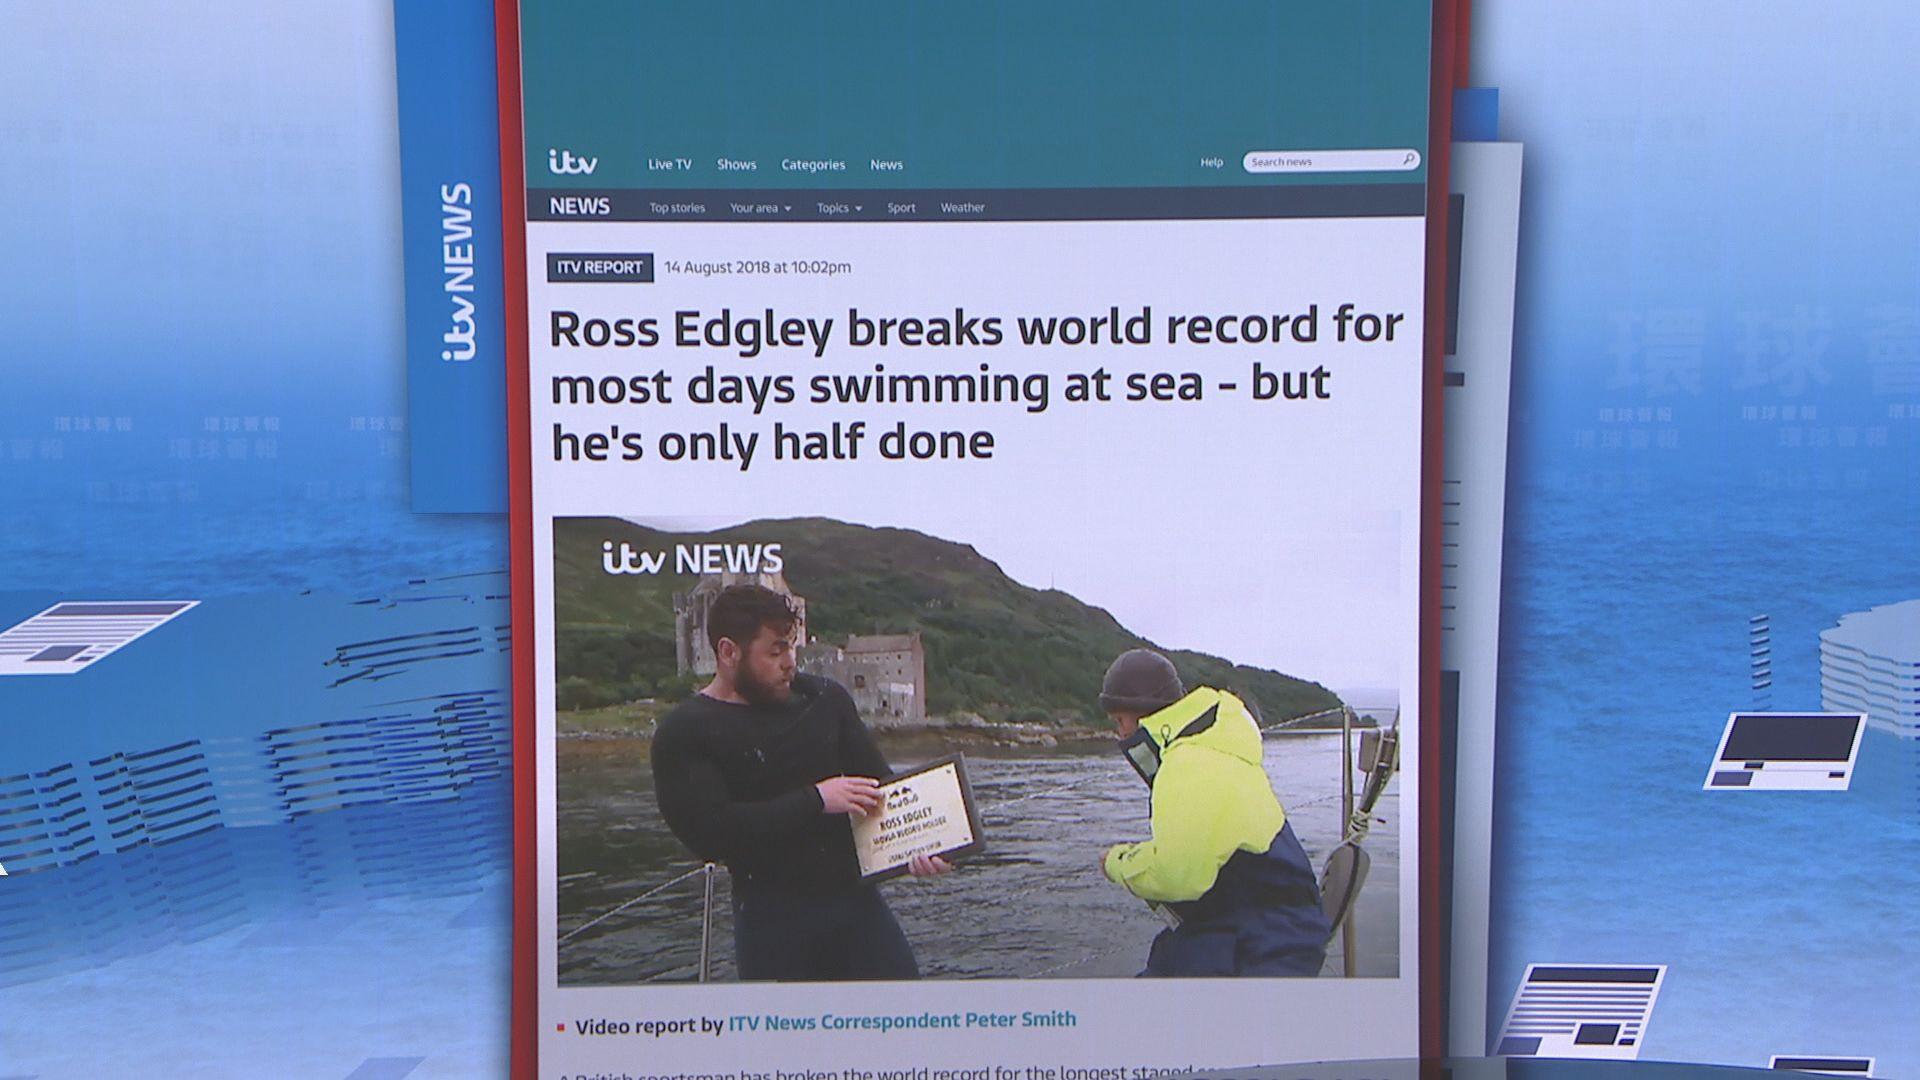 【環球薈報】英男子破最長海泳紀錄